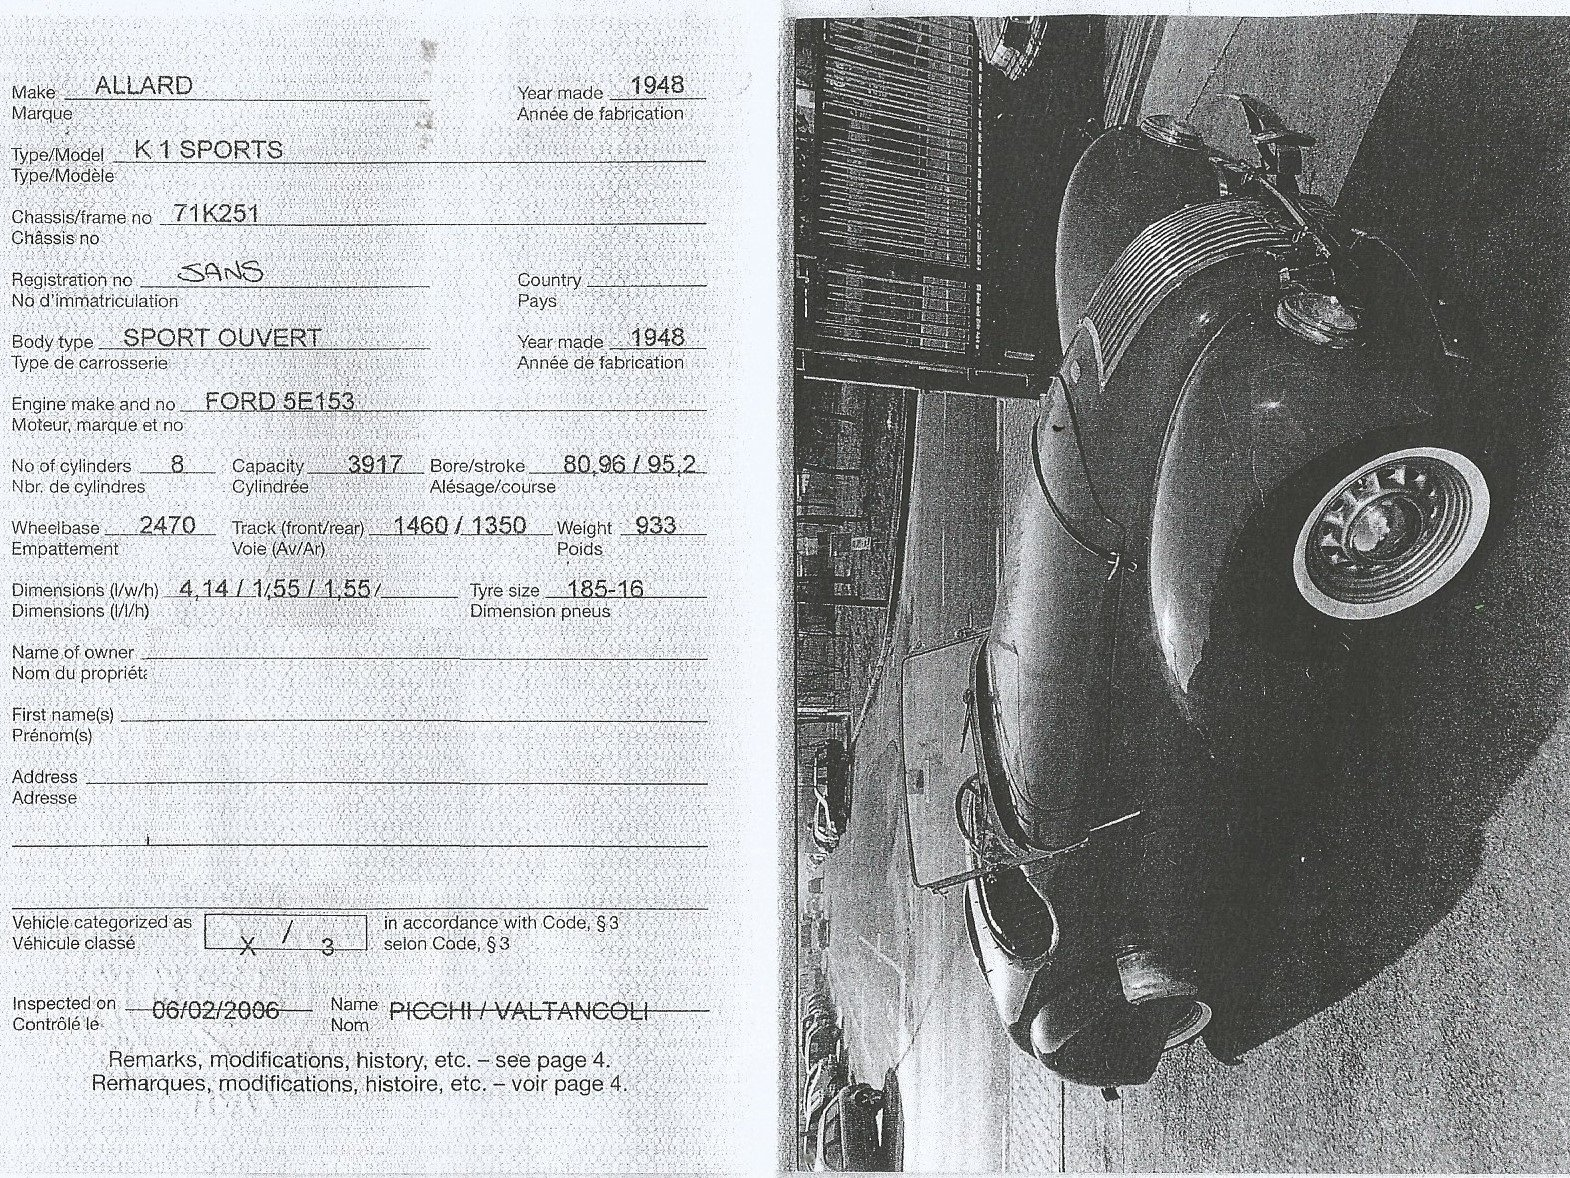 1948 ALLARD K1 1000 MIGLIA ELIGIBLE For Sale (picture 12 of 12)